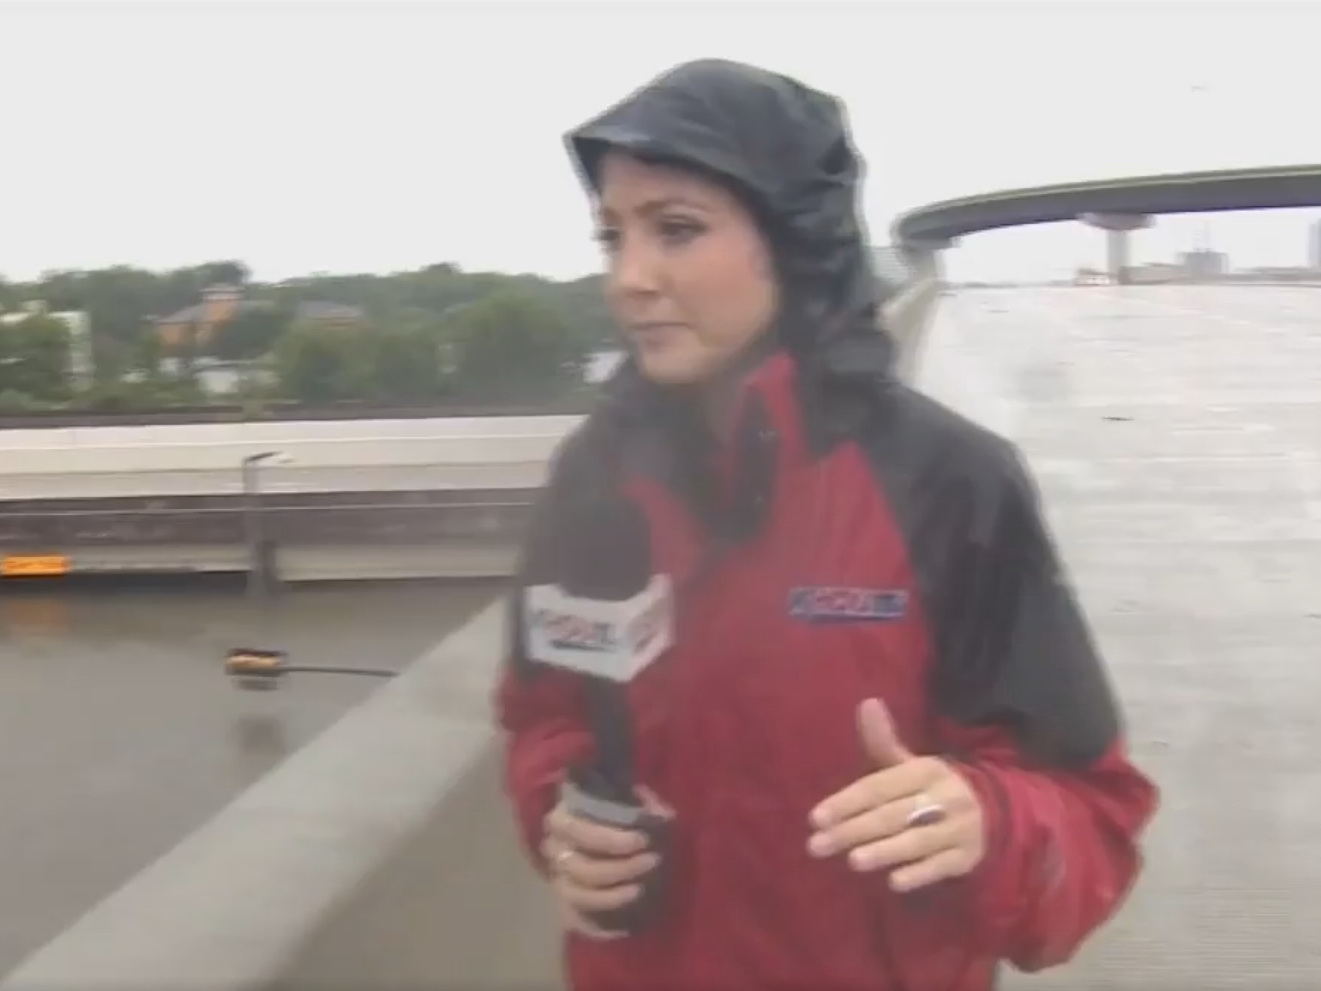 Журналистка спасла жизнь дальнобойщику во время эфира – ВИДЕО